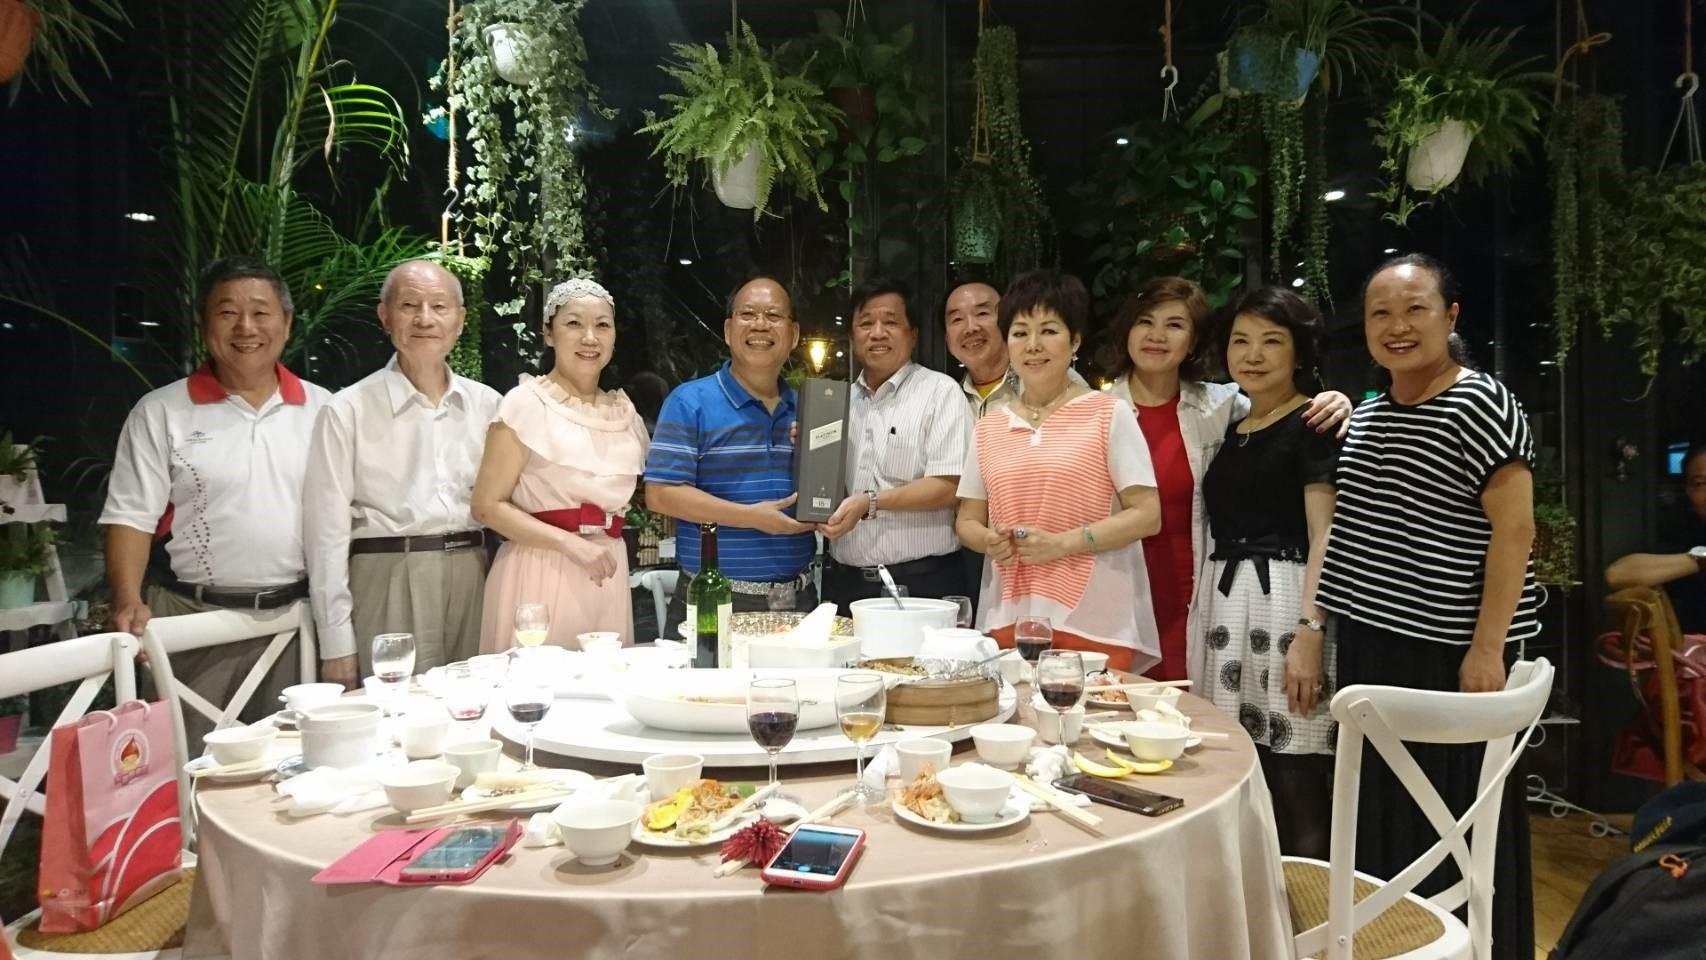 慶祝教師節 感恩餐會 20170927_170928_0017.jpg